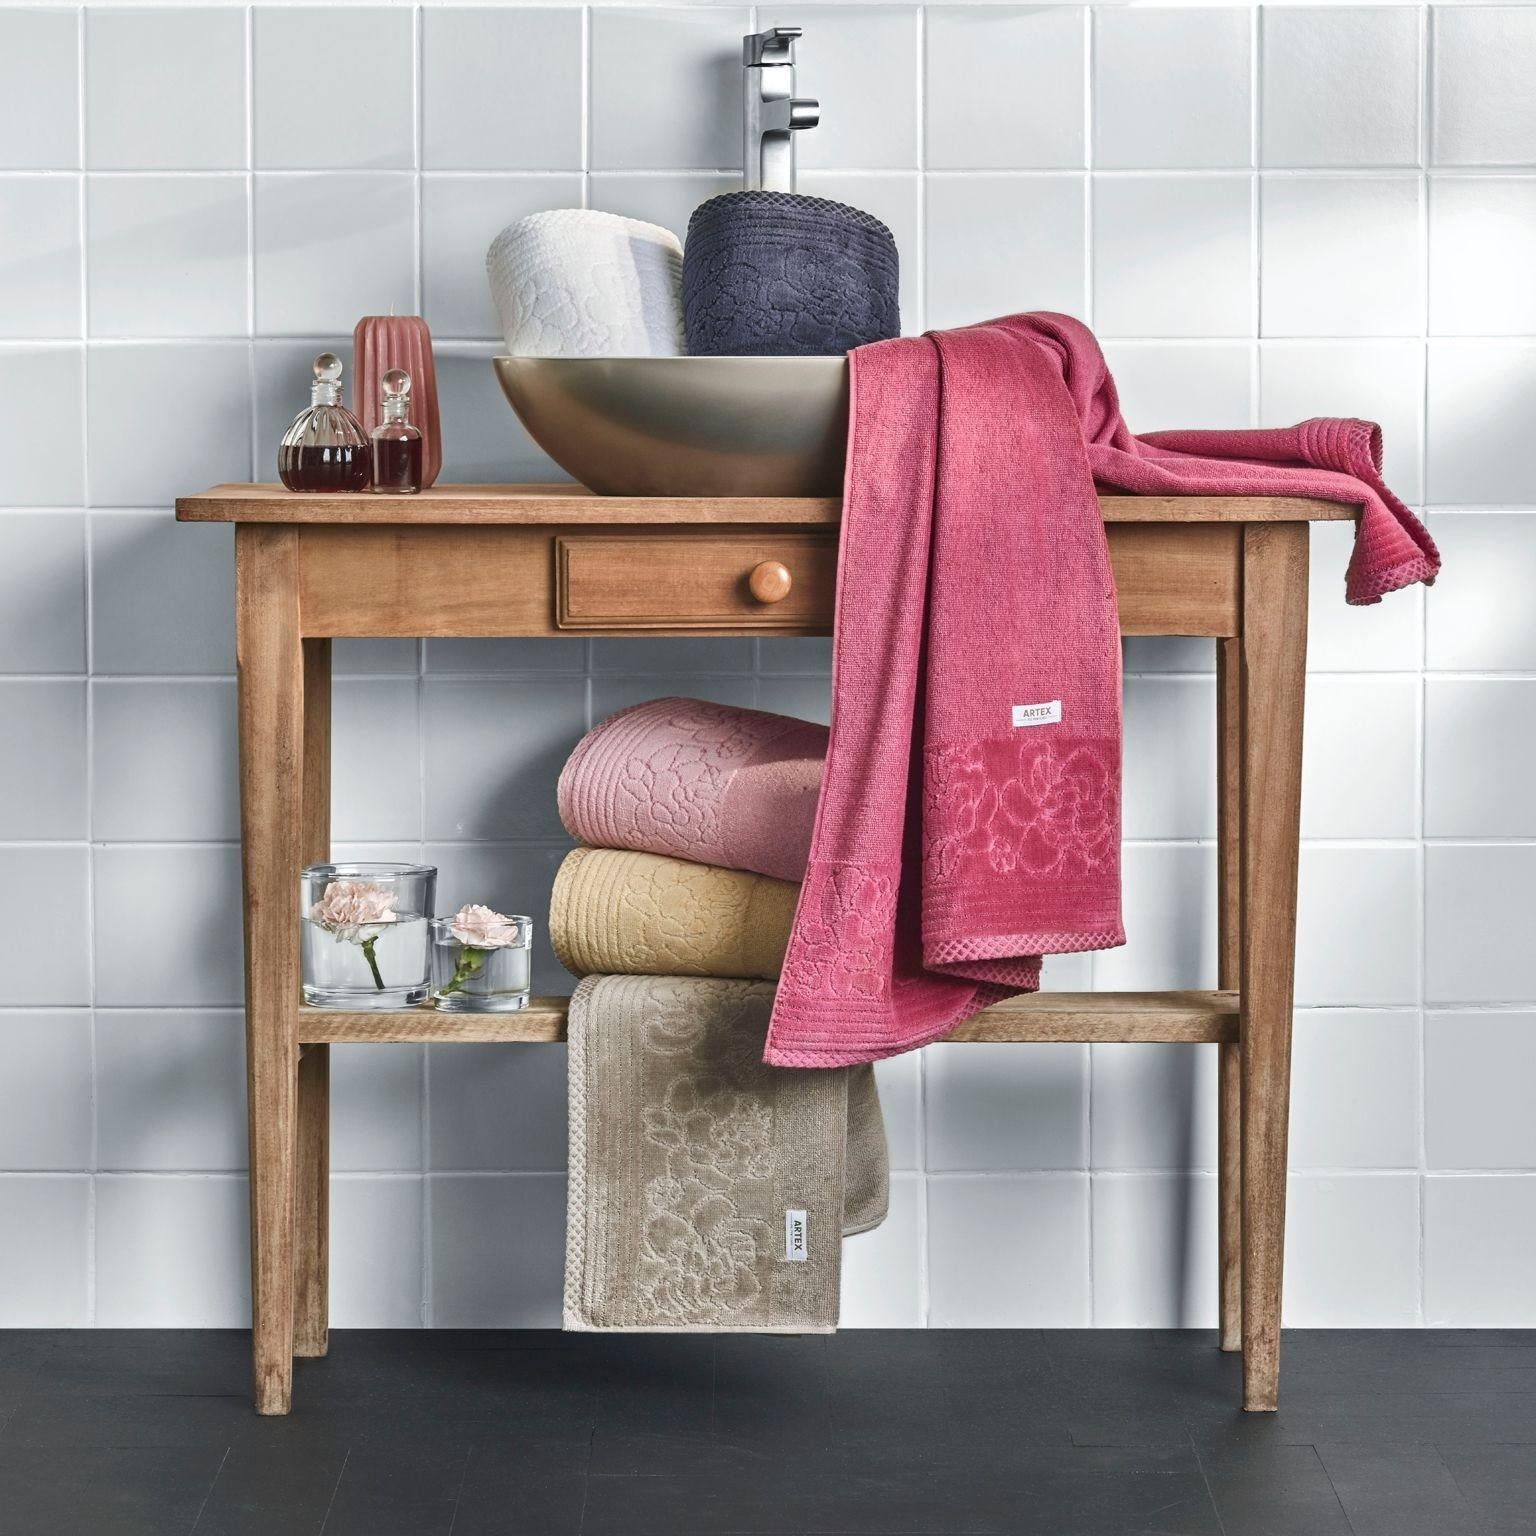 Toalha de Banho Lisa Artex Le Bain 100 Algodao 70 x 140 cm Rose